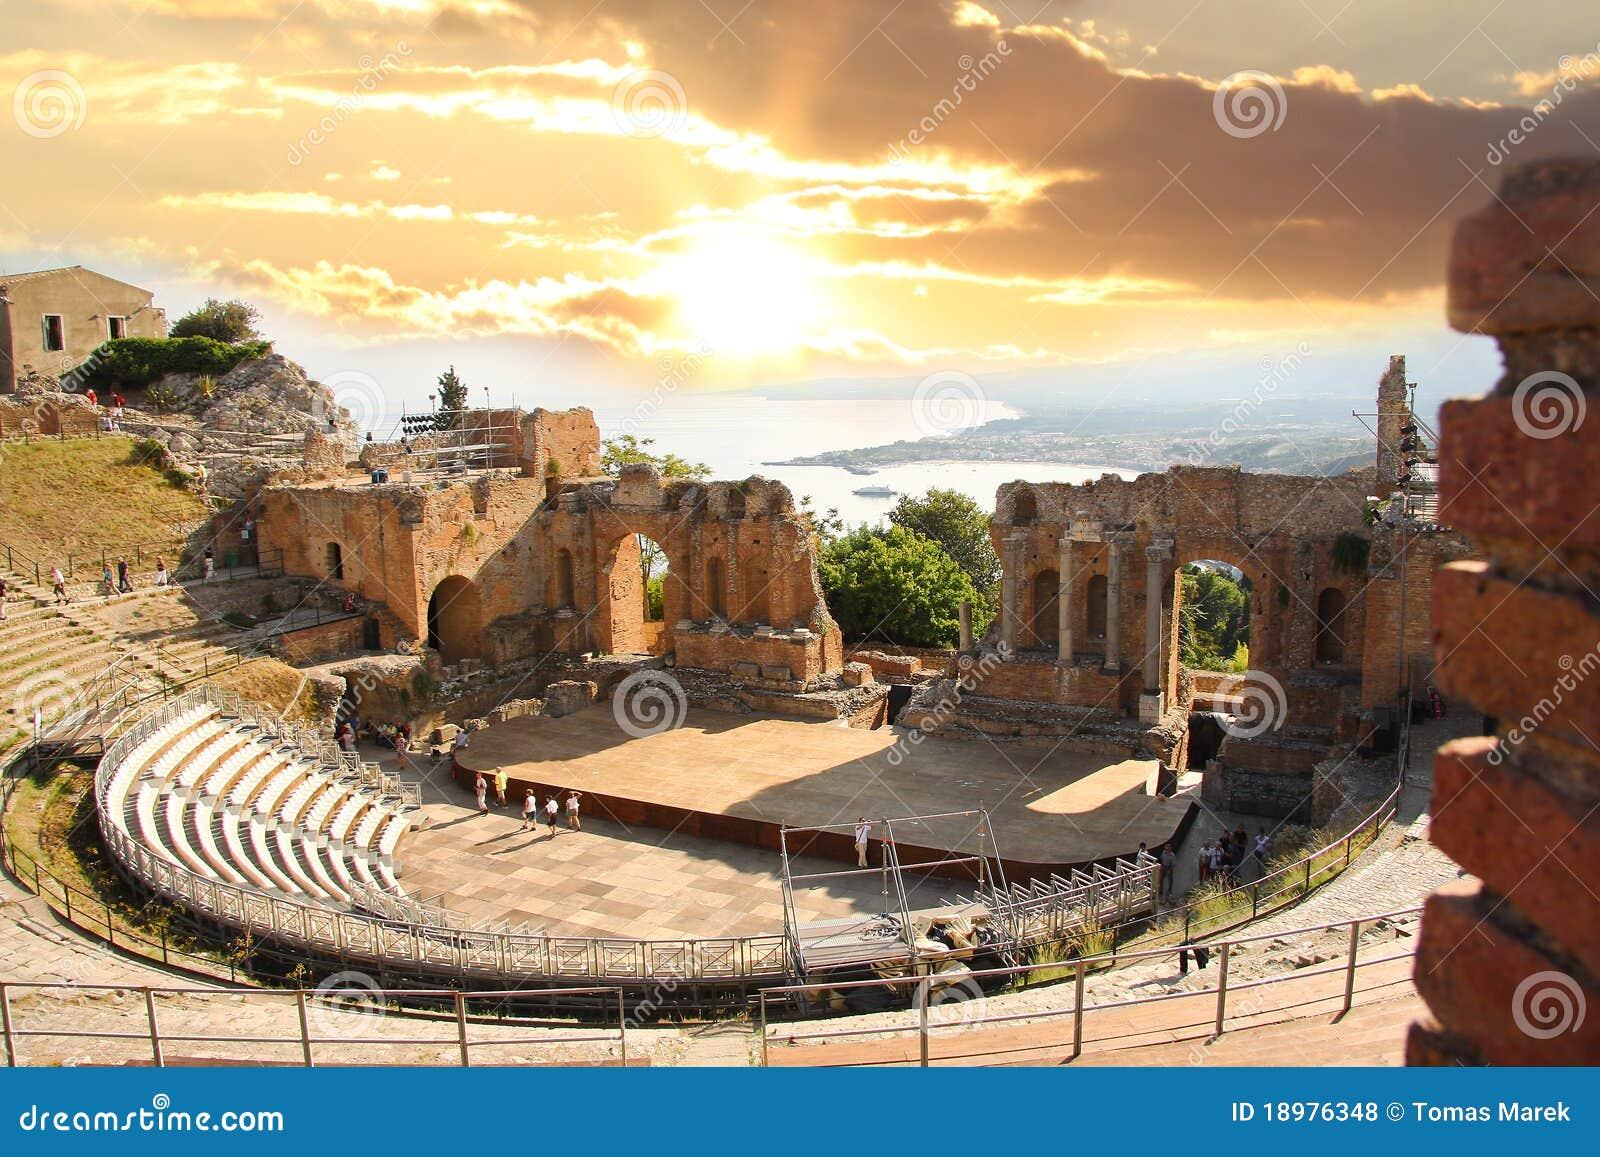 Italy sicily taorminateater